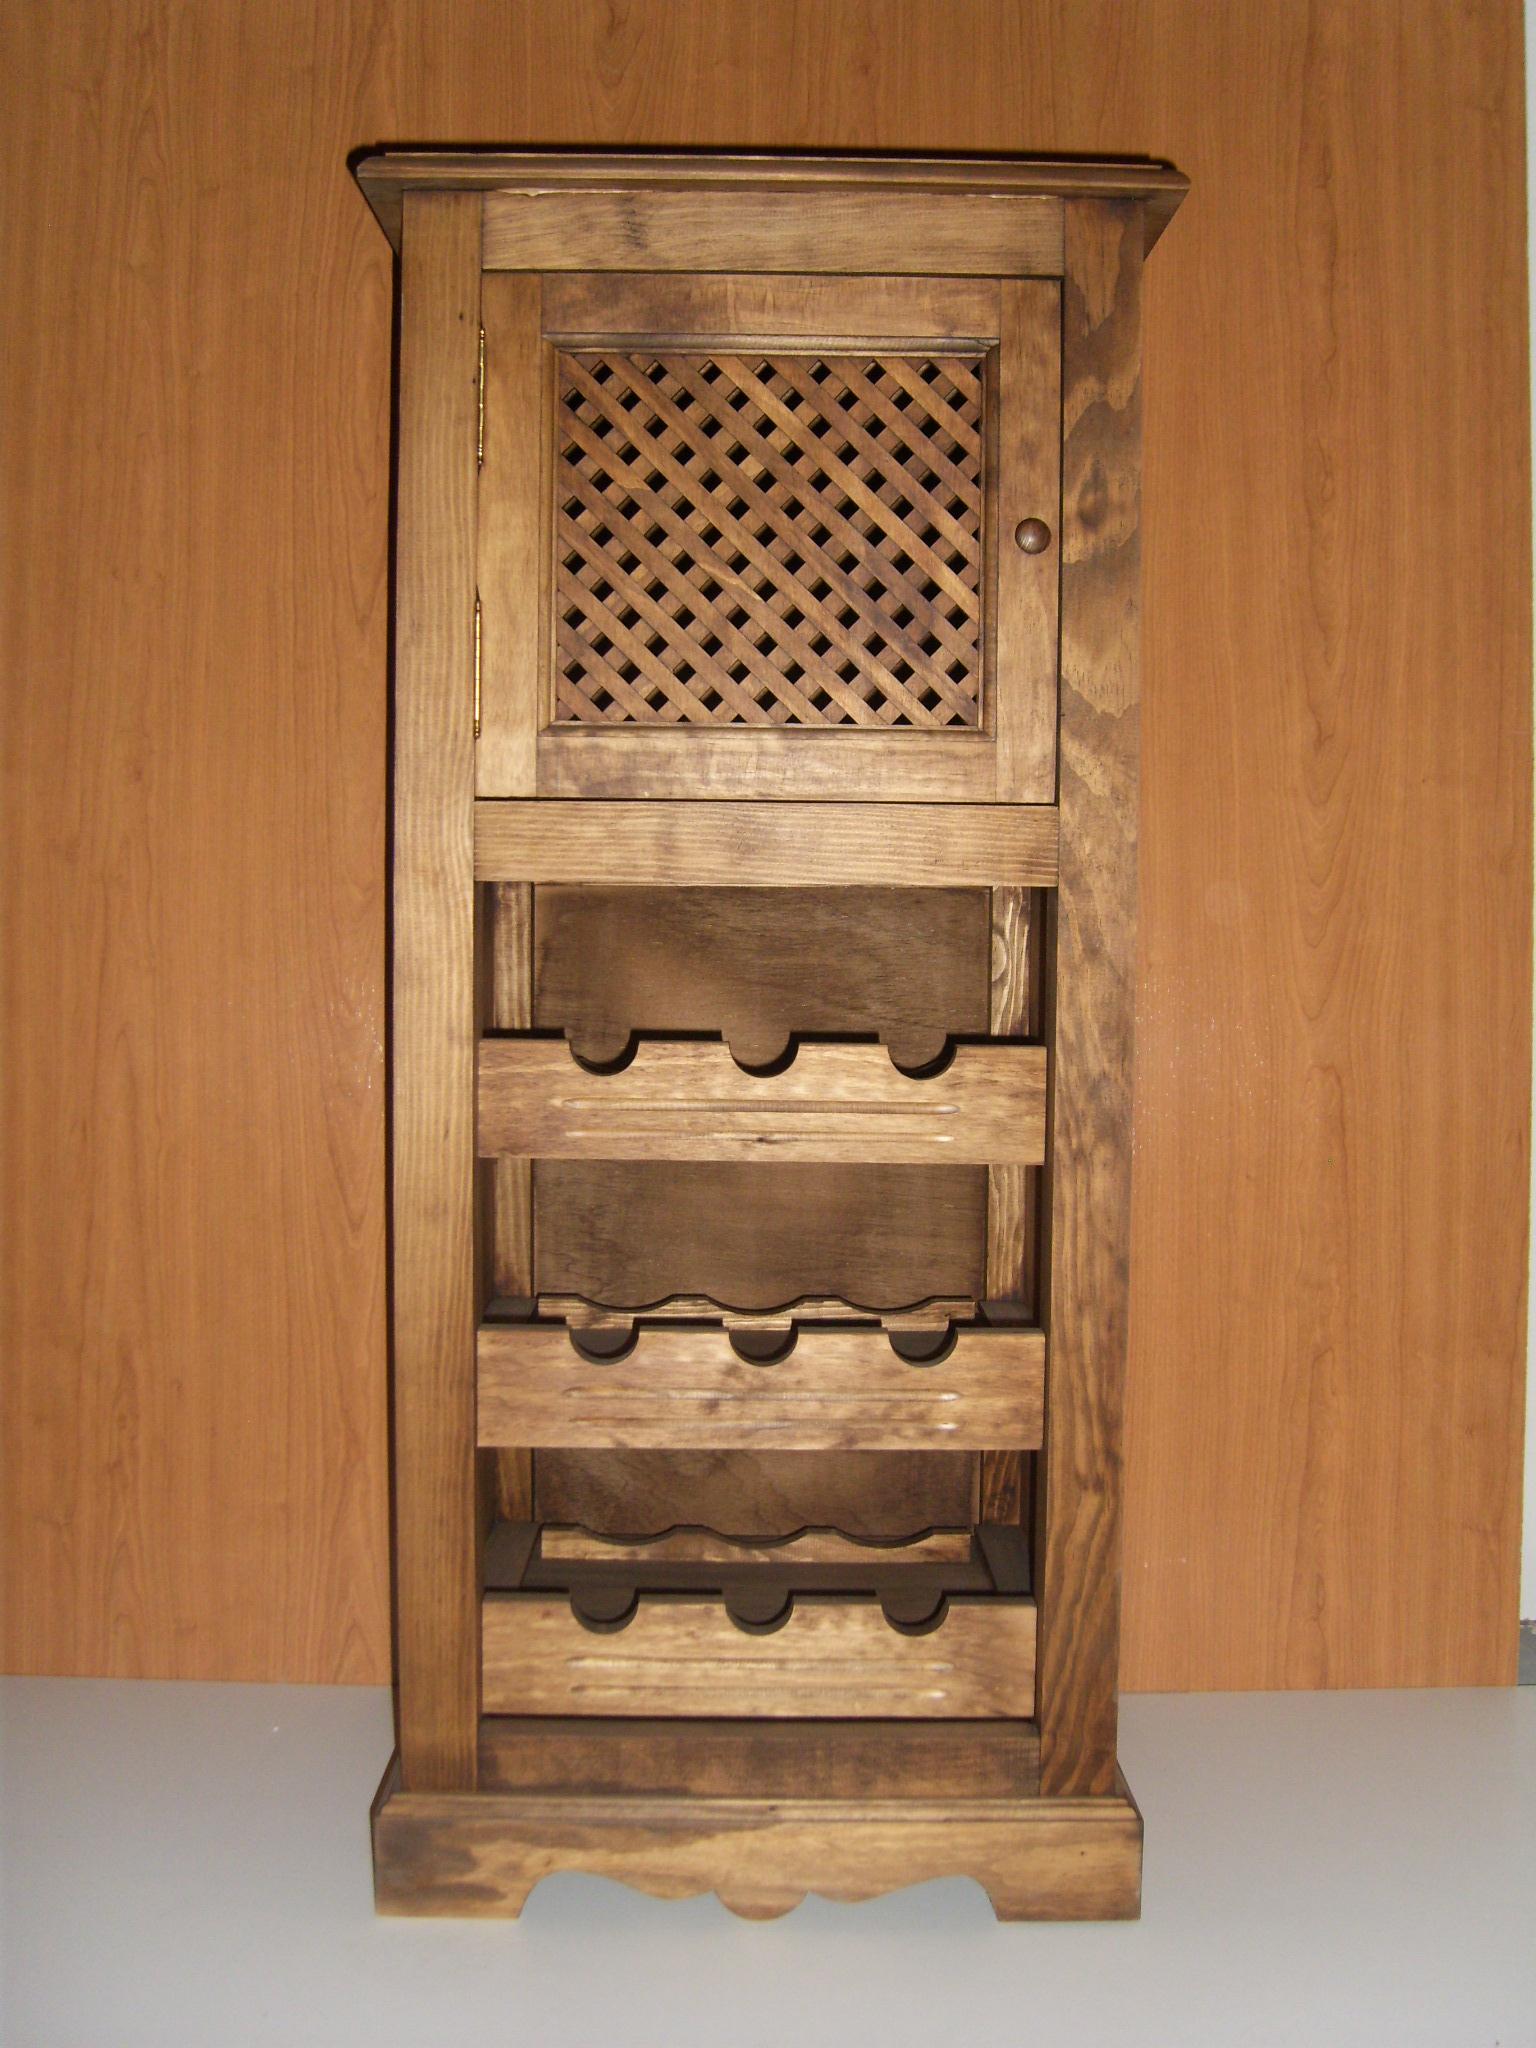 Mobiliario y decoraci n r stica puertas gozalo - Botelleros de madera rusticos ...